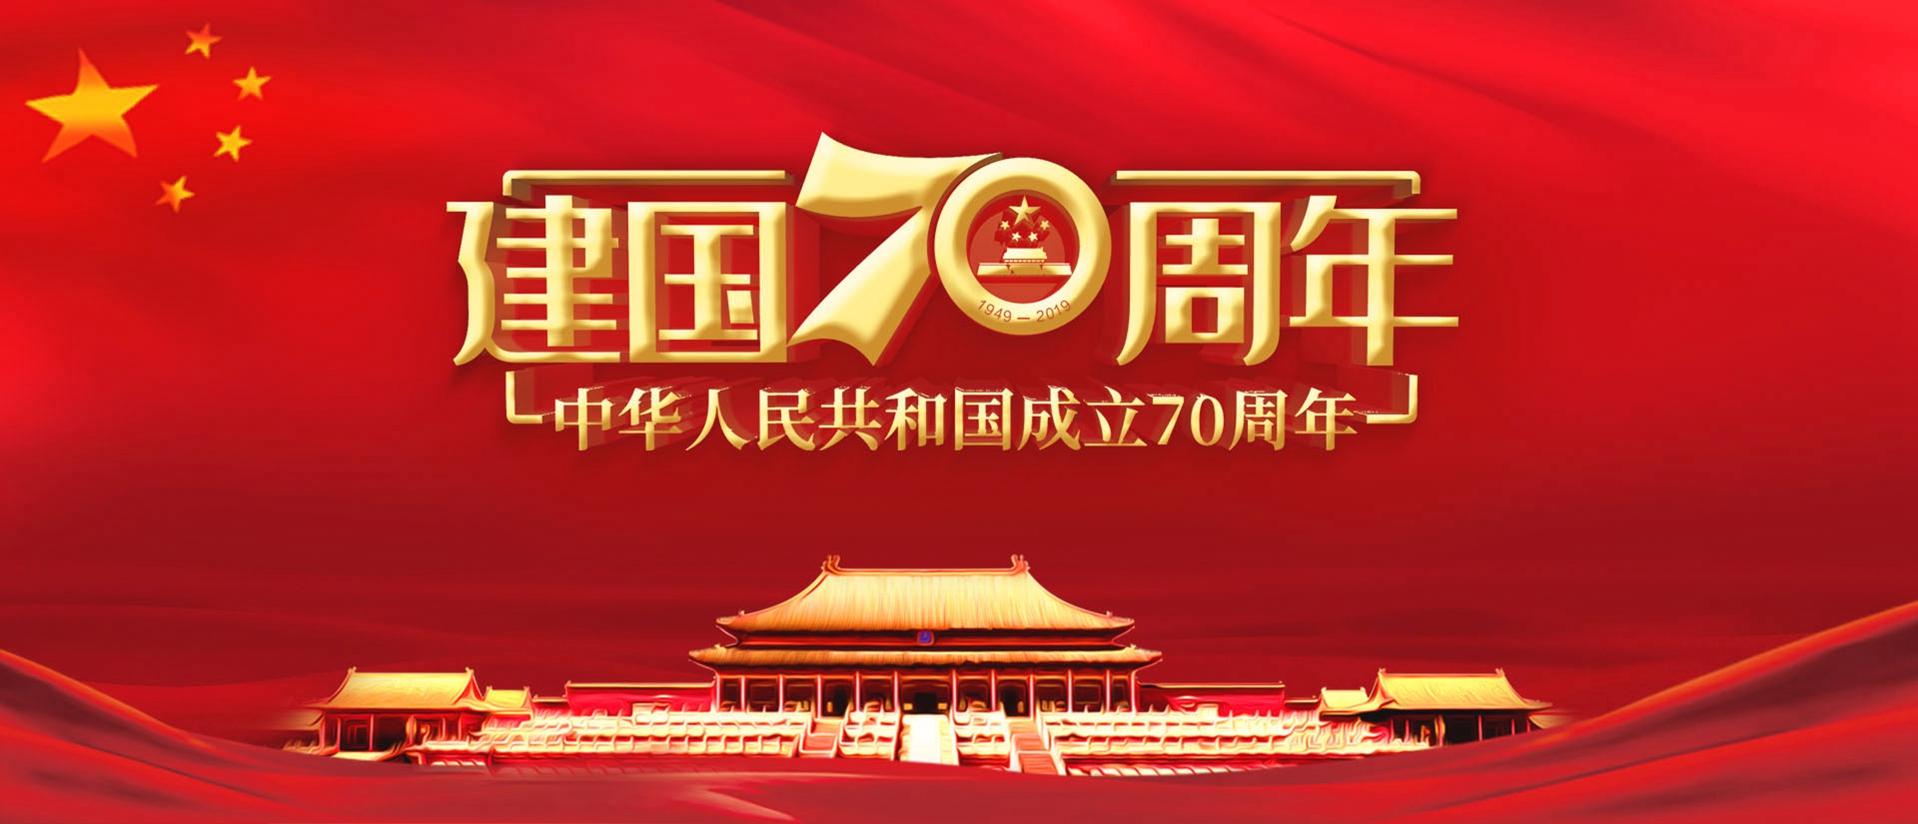 同心共筑中国梦 携手奋进新时代